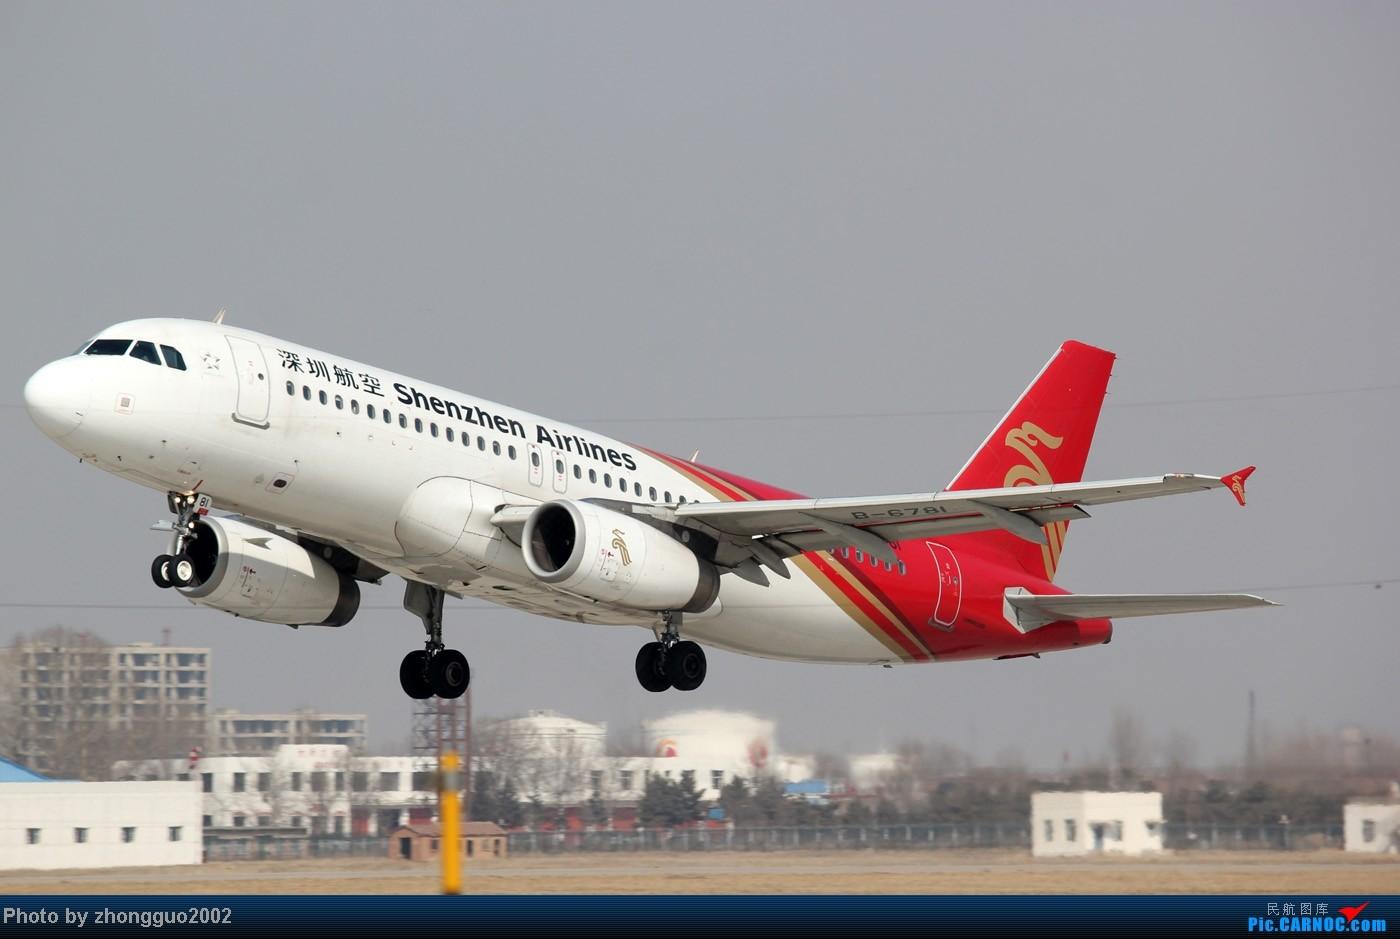 Re:[原创]长荣航空带小翼的321,东航6457小翼319,国航的新机子1947.1945,国航内蒙古号5226,新舟60,以及深圳、首都、西部等航空的飞机。 AIRBUS A320-200 B-6781 中国呼和浩特白塔机场